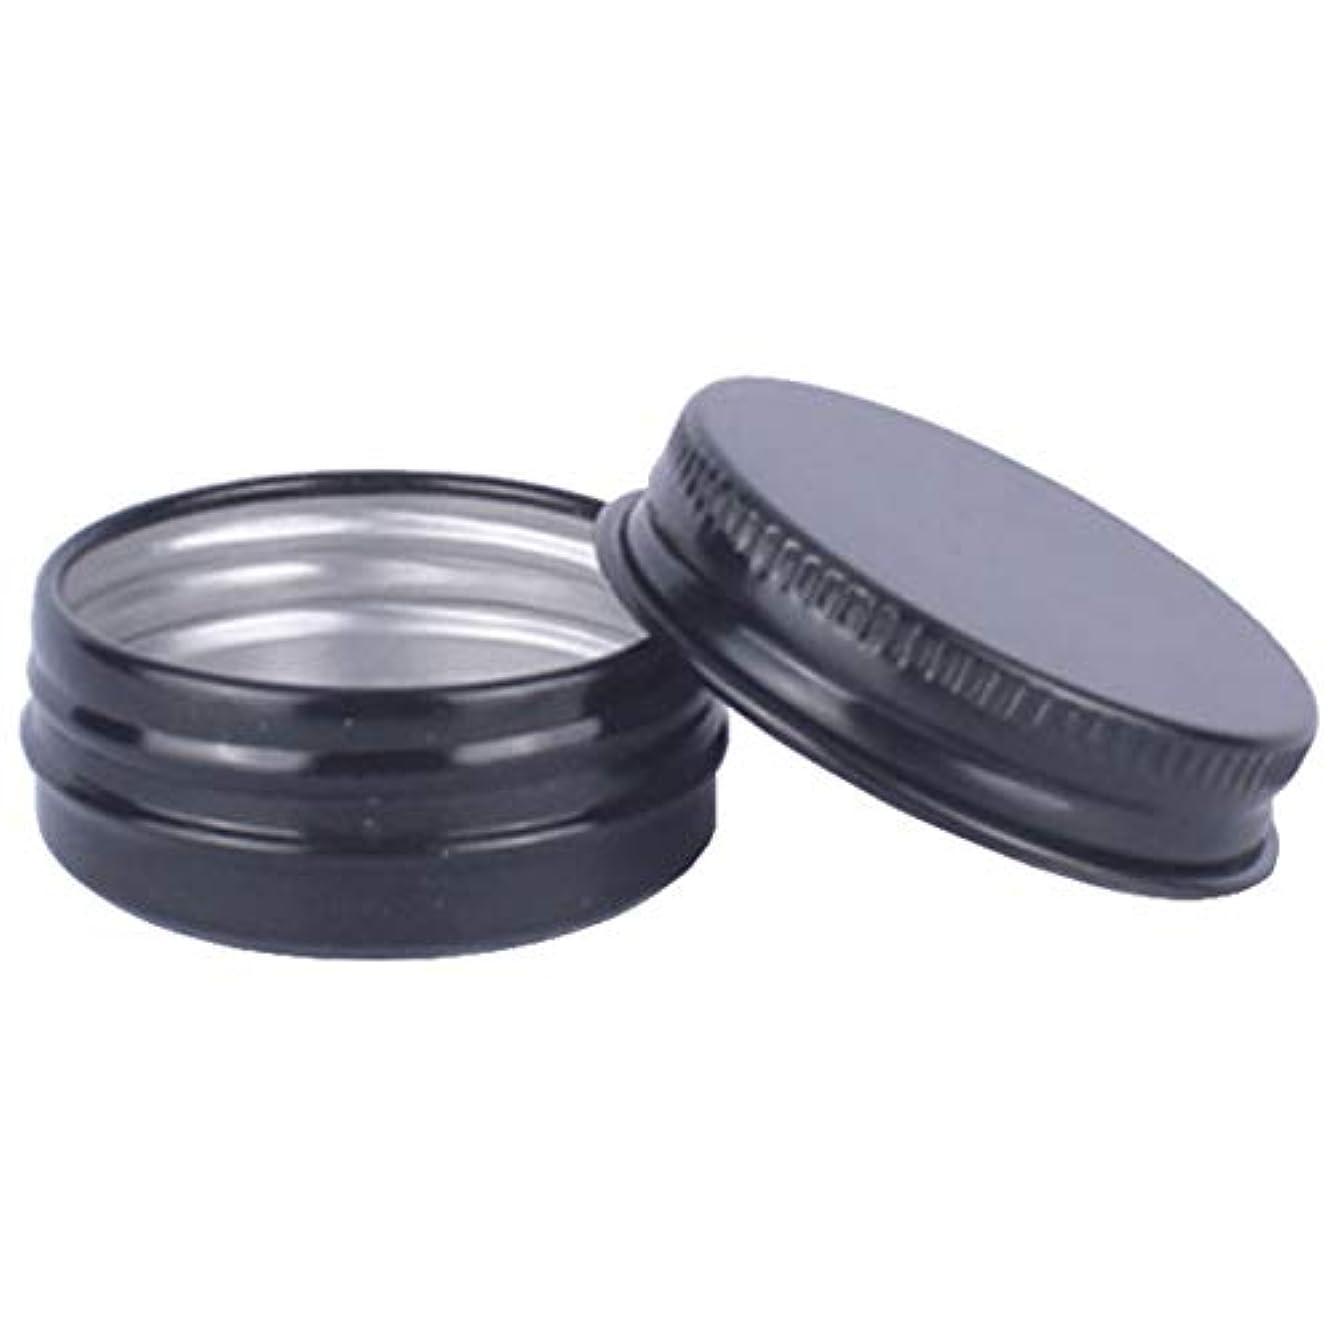 作り上げるポジション定規フェリモア アルミネジキャップ缶 詰め替え容器 クリーム 小分け容器 アルミ製 缶 30個セット